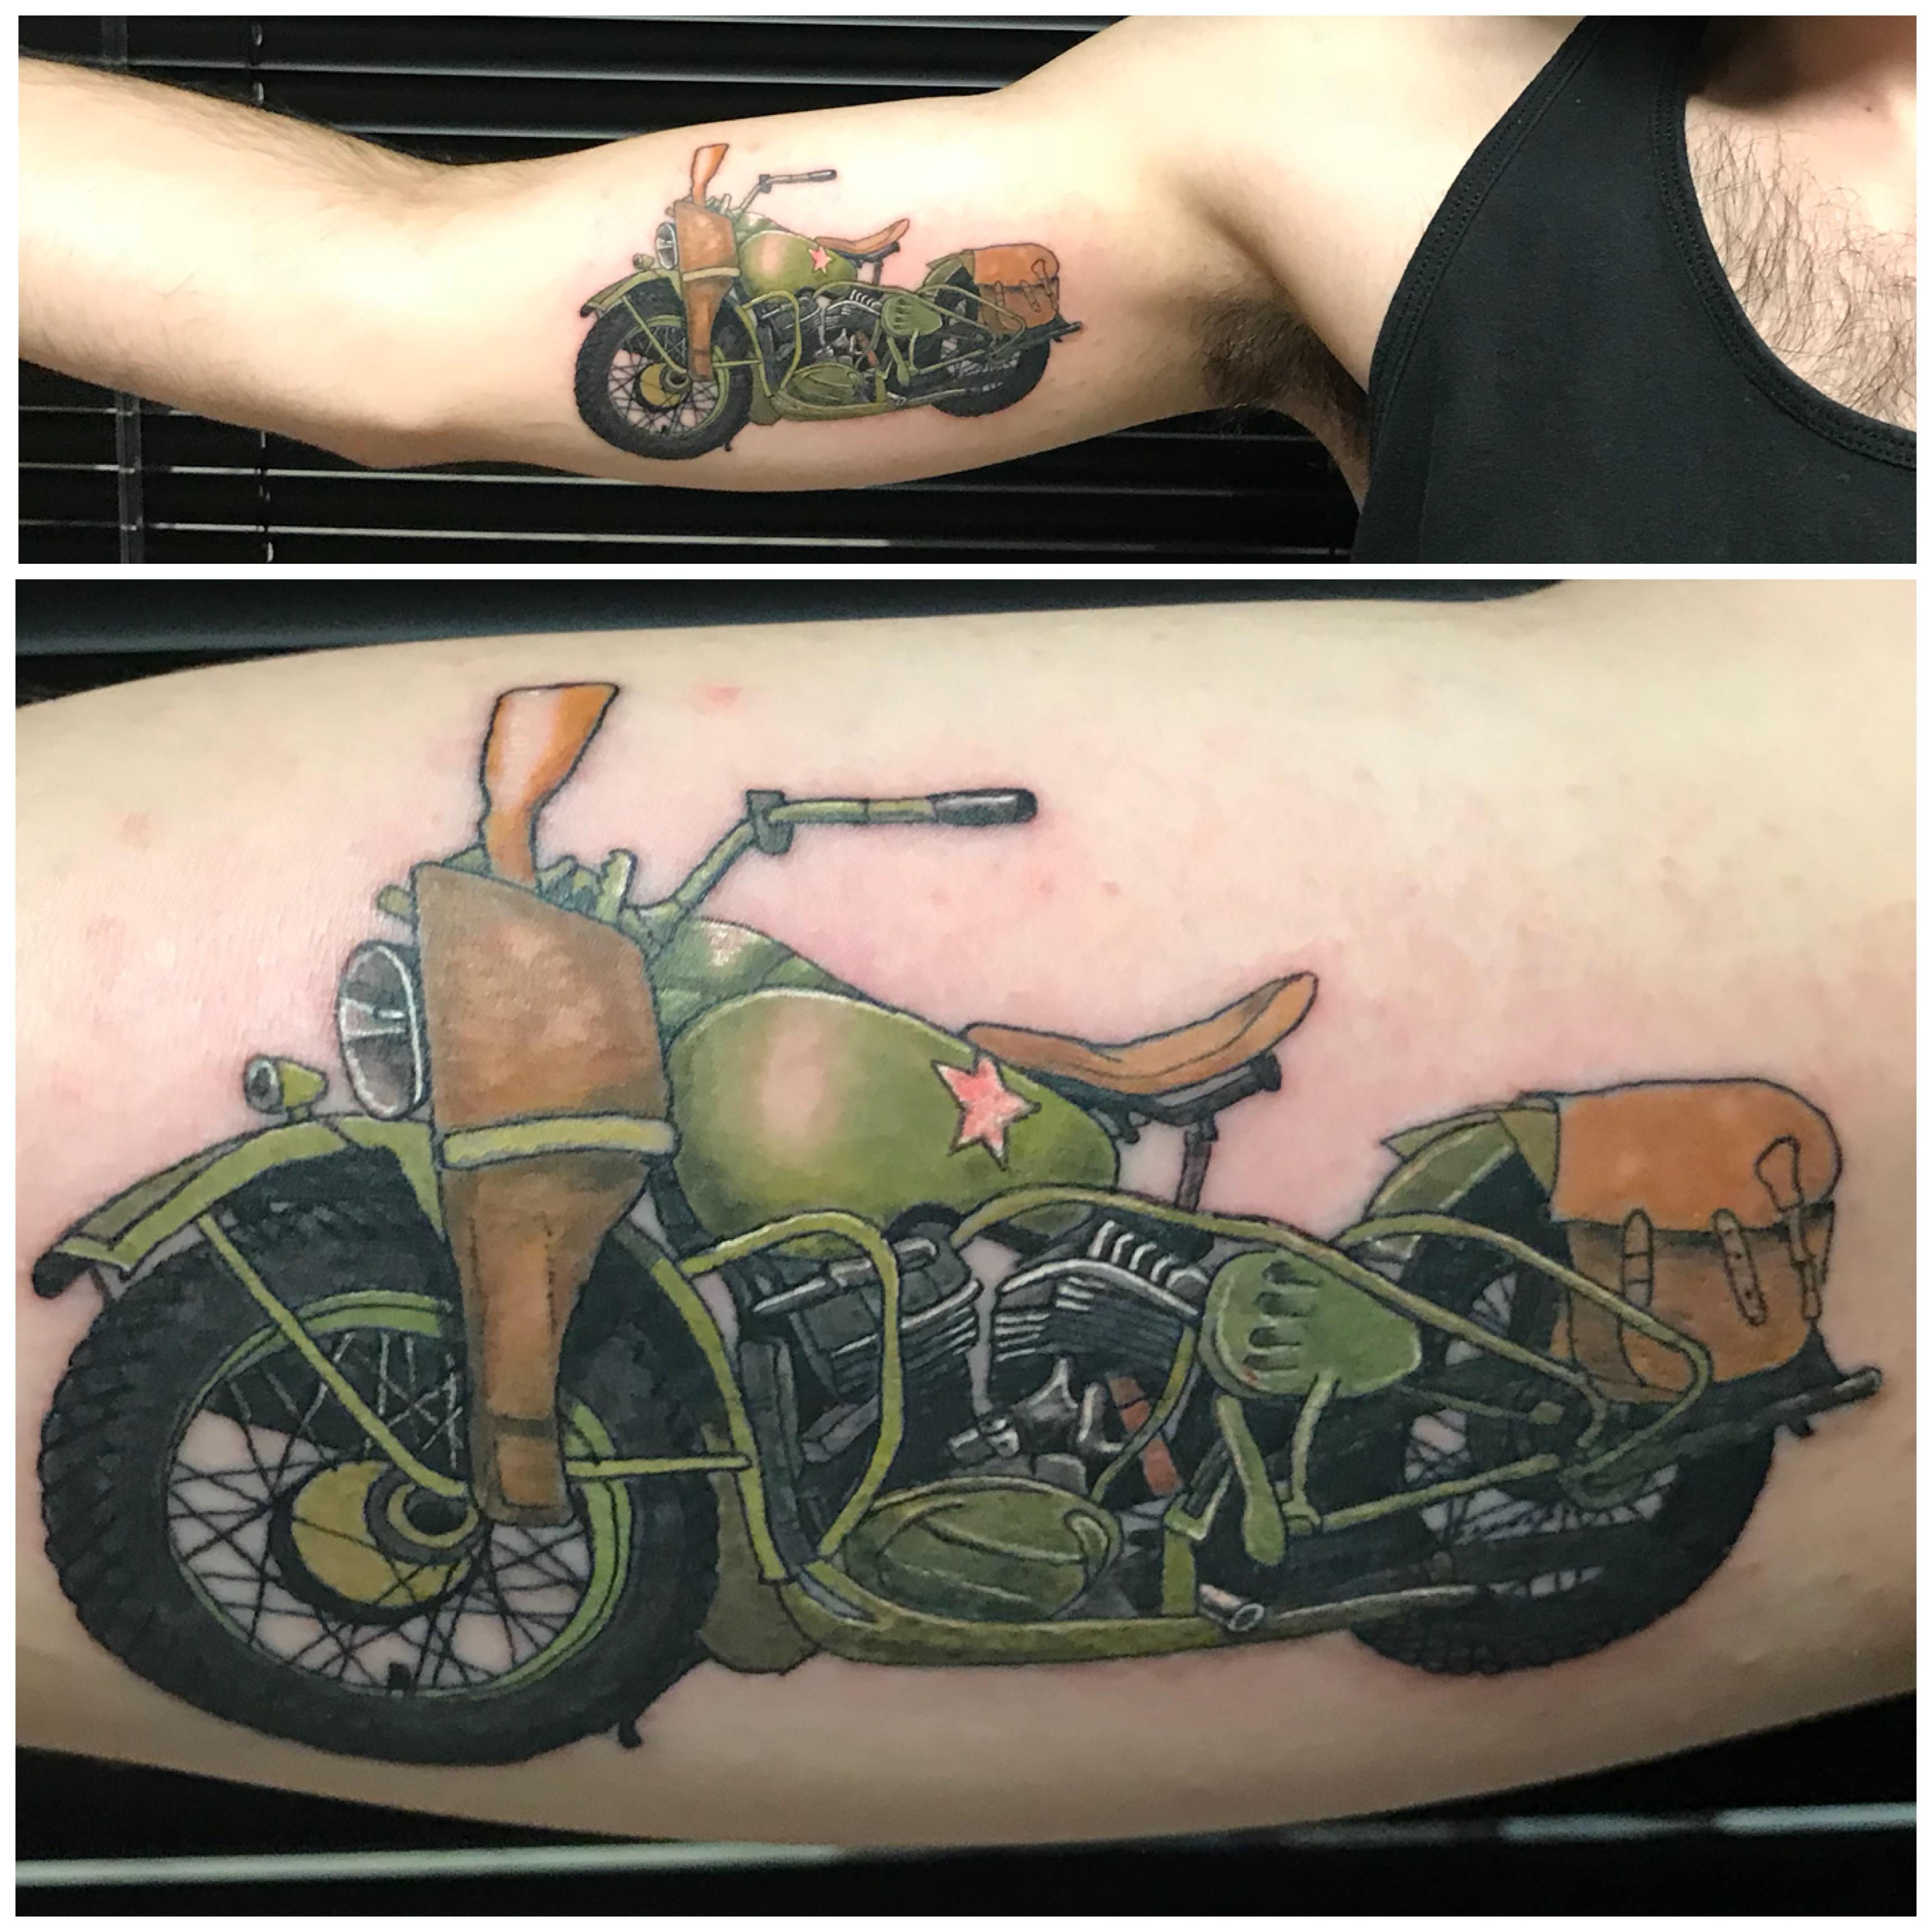 lallentattoo - WWII Harley Davidson